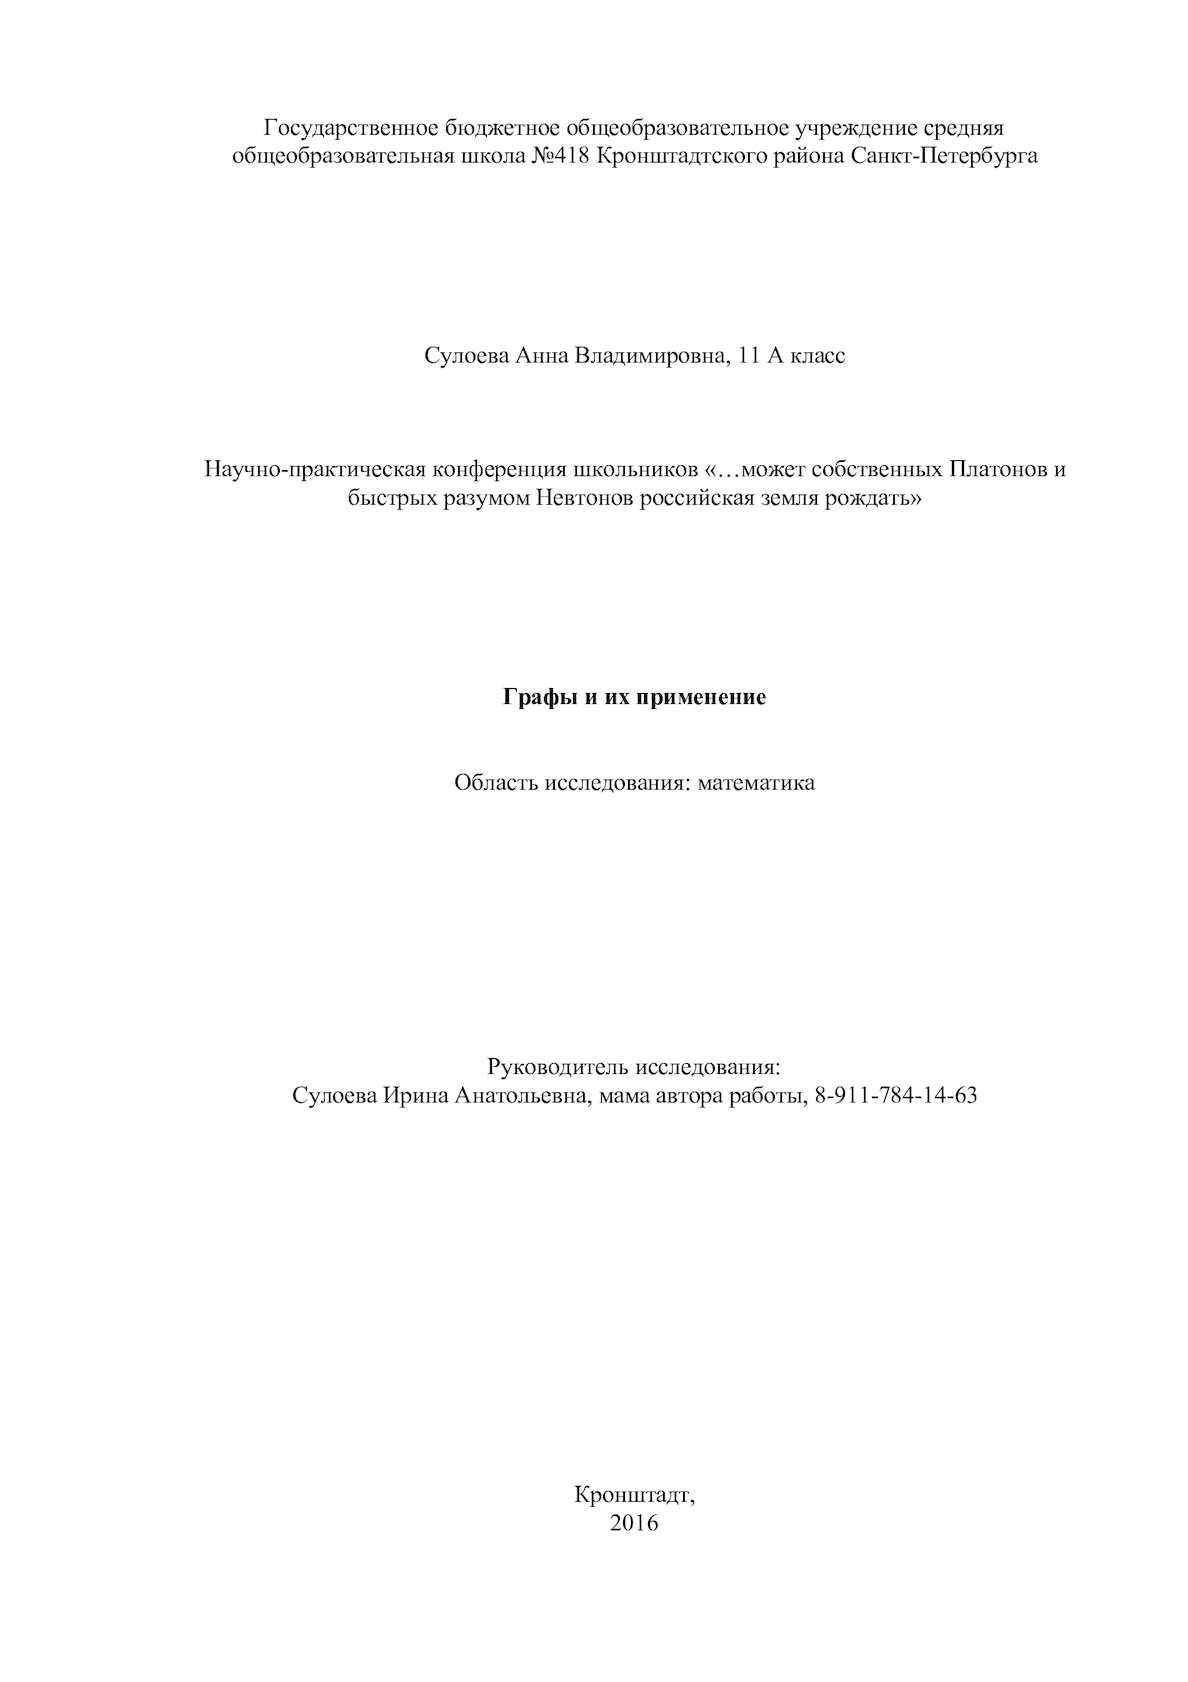 Графы и их применение (Сулоева А., 2016)